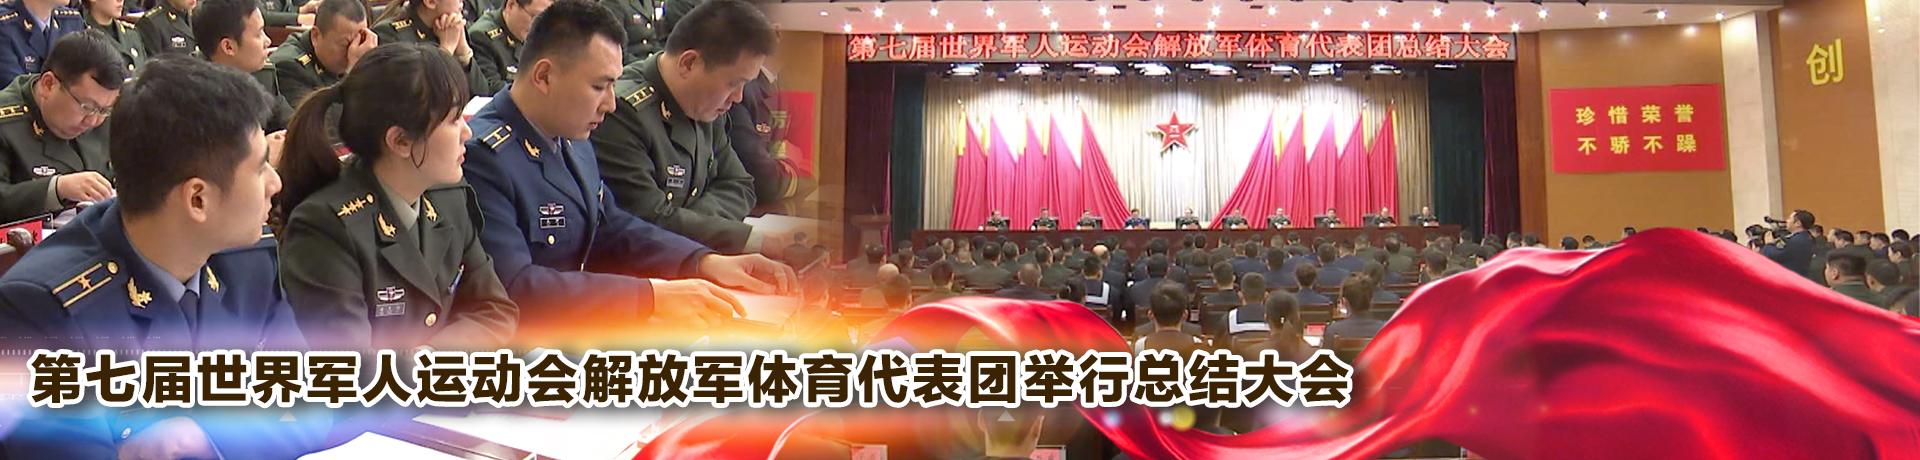 第七届世界军人运动会解放军体育代表团举行总结大会